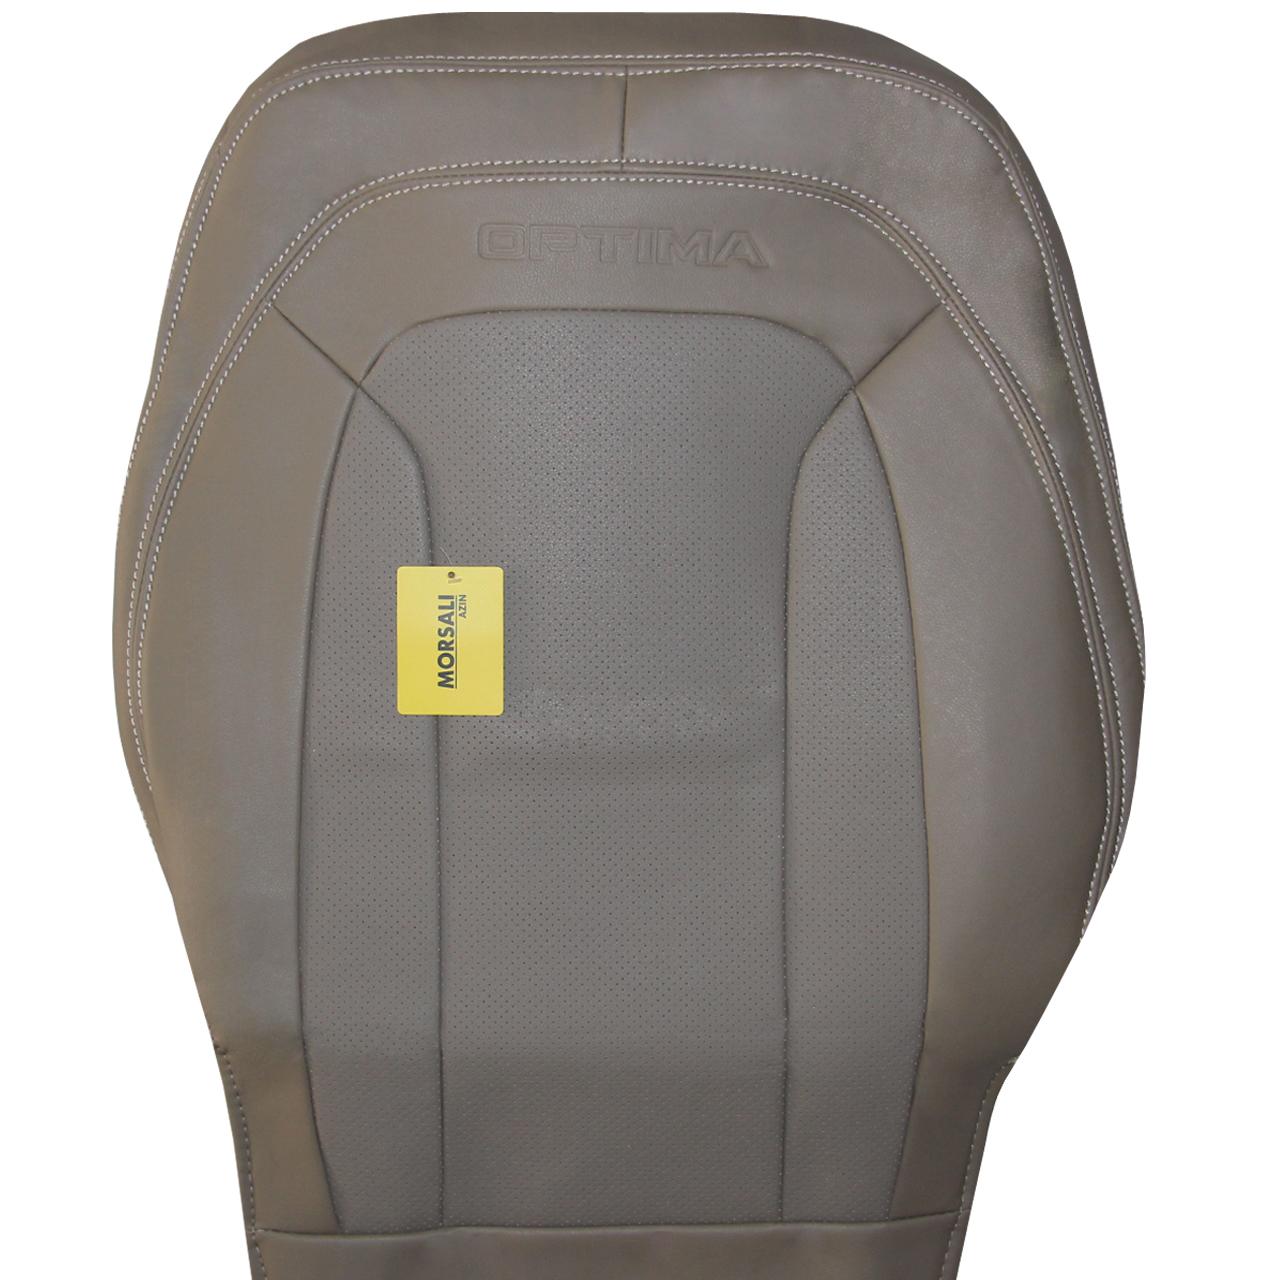 روکش صندلی  خودرو آذین مرسلی کد AZ107 مناسب برای اپتیما 2014